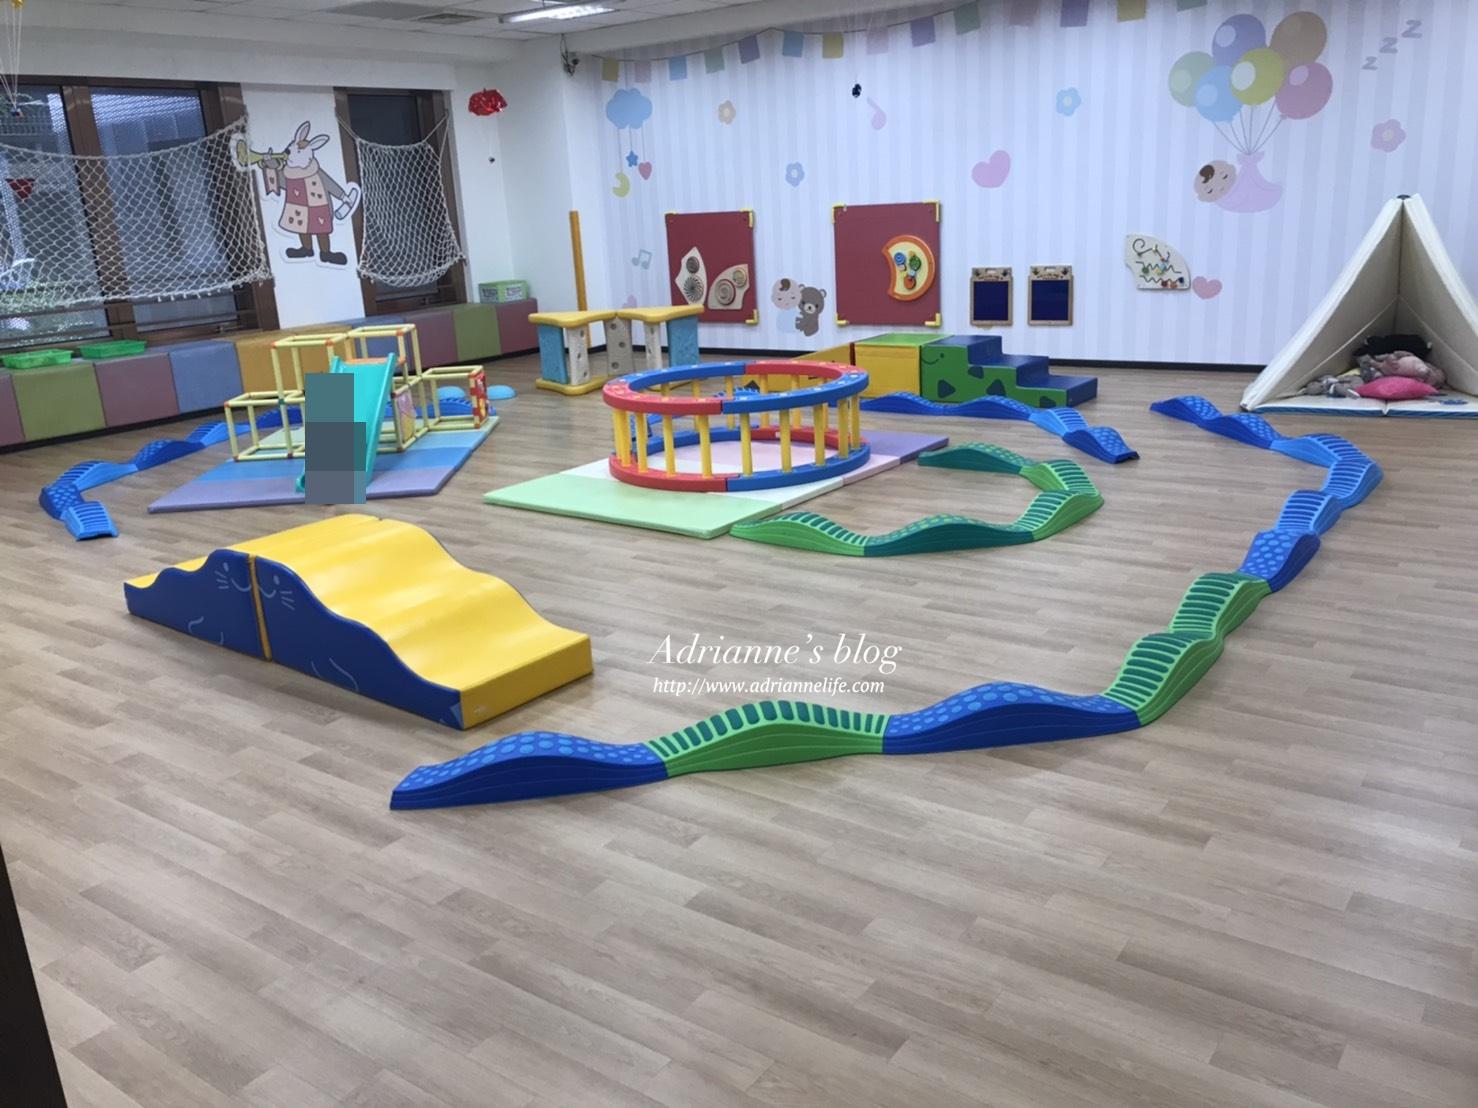 【台北親子館推薦】免費親子館!大同親子館空間又大又好玩,雨天遛小孩的好去處!